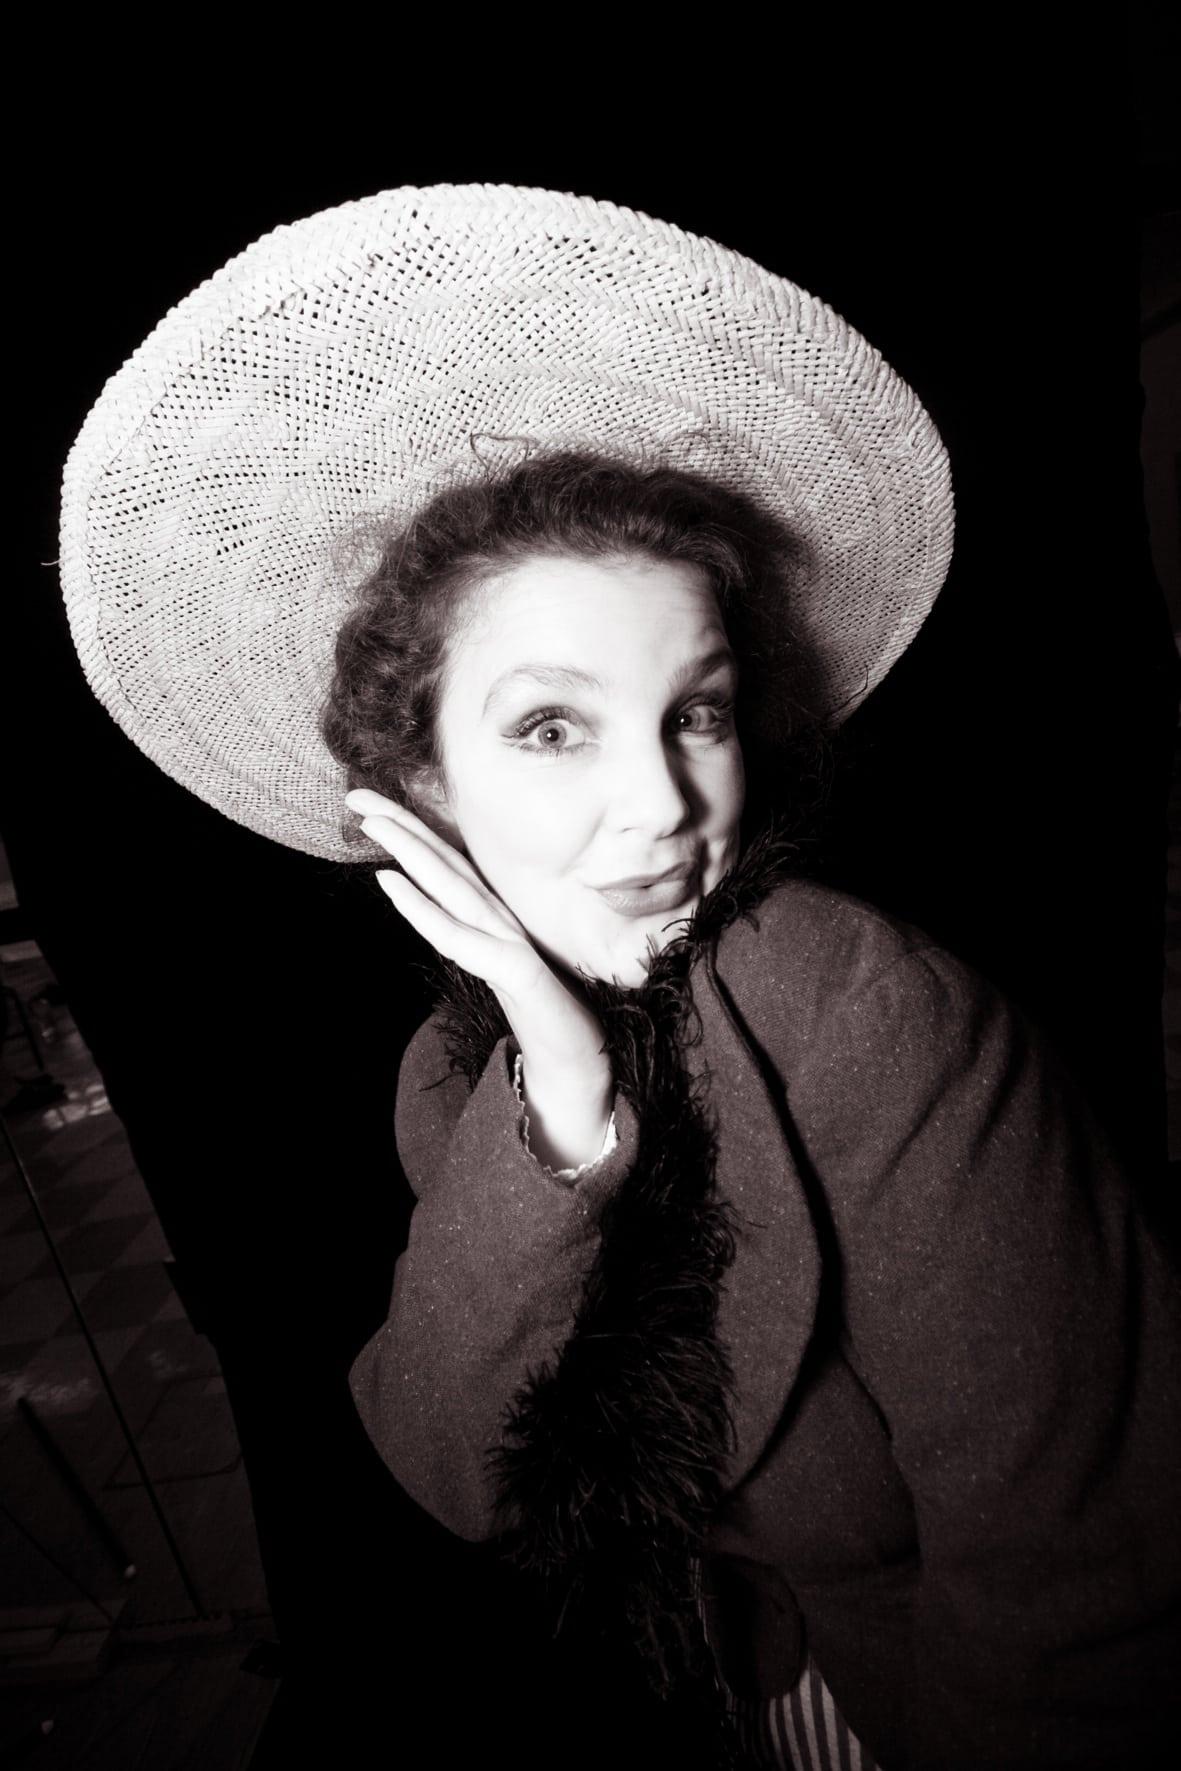 Lady posing wearing hat